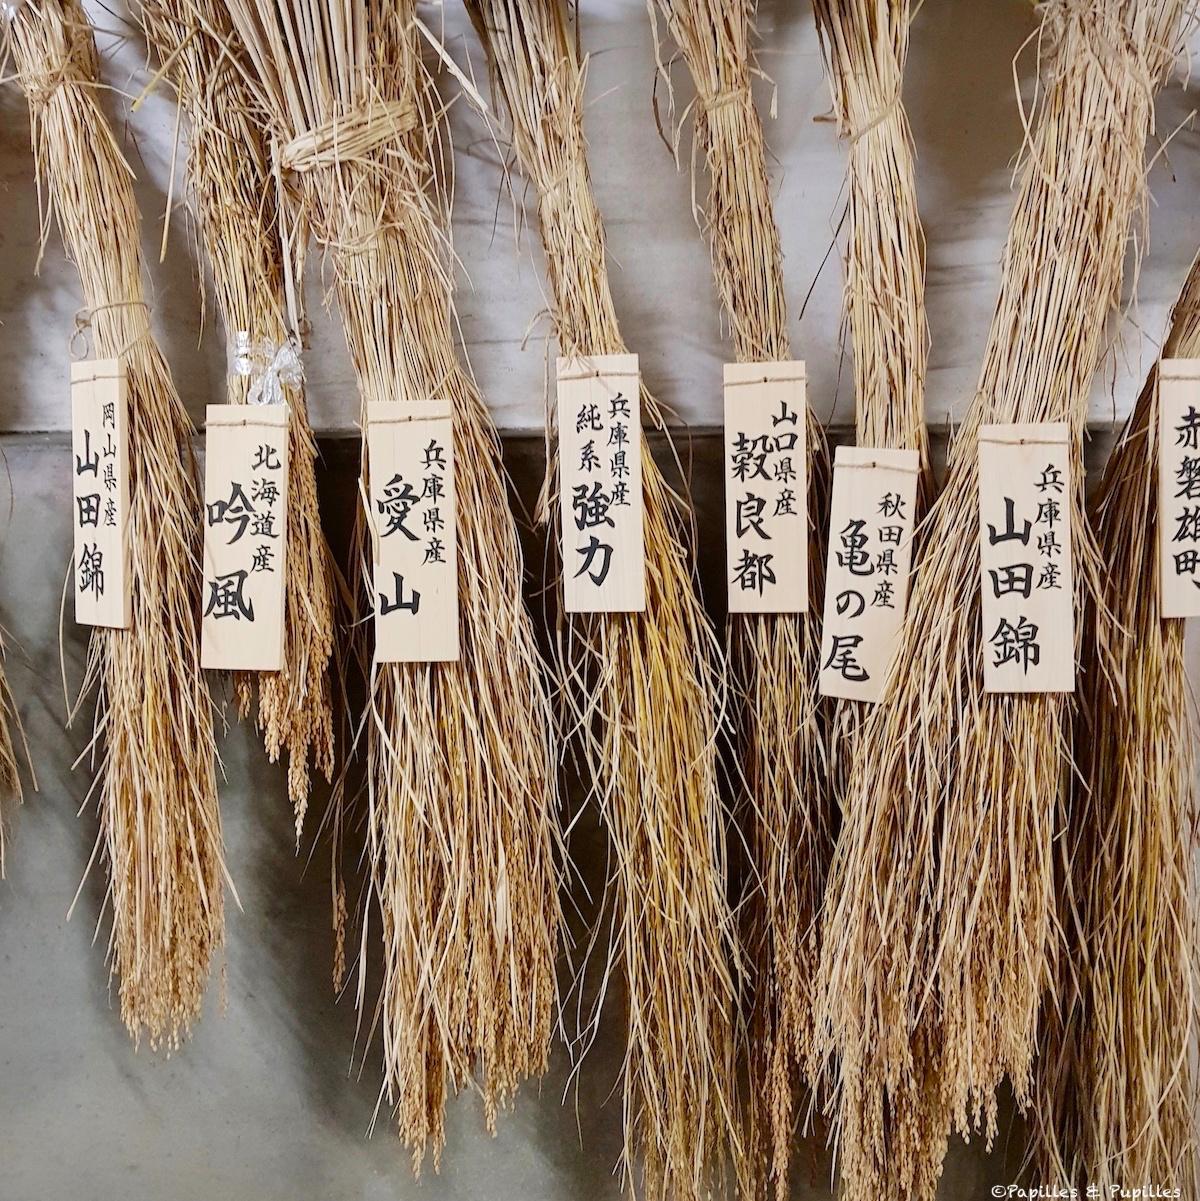 Différentes variétés de riz pour saké